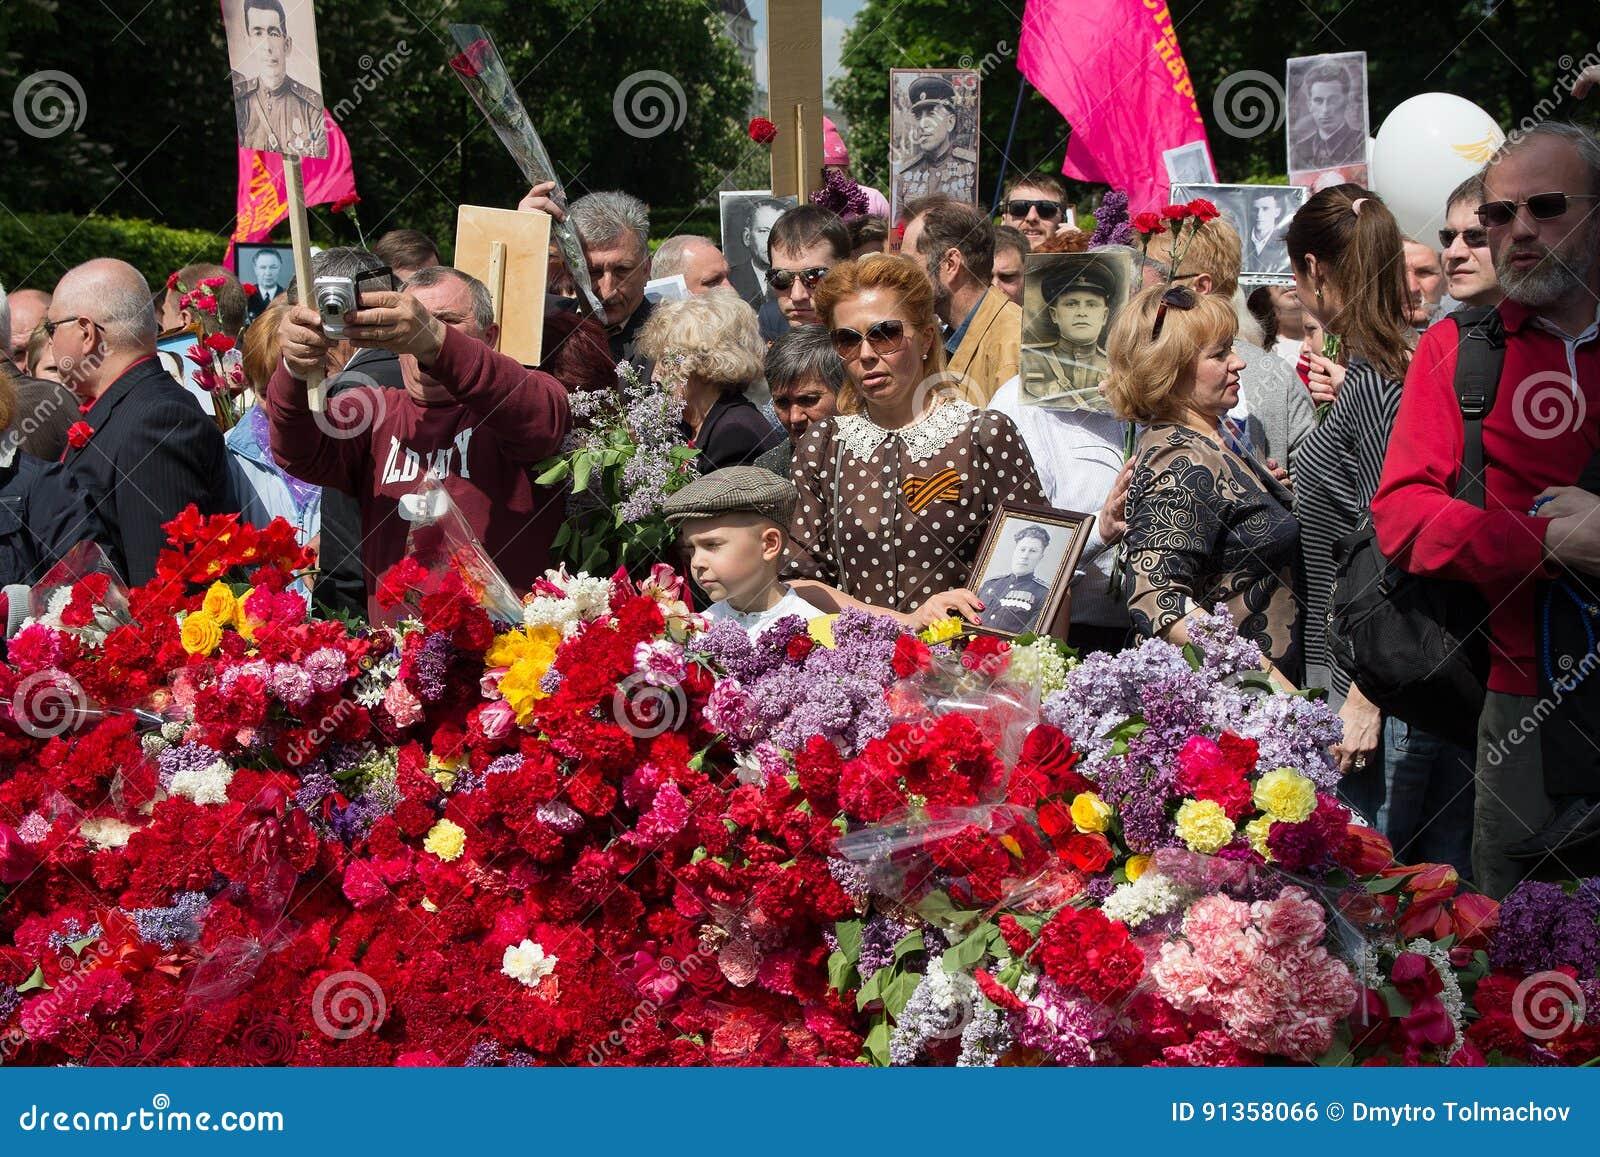 Kiev, de Oekraïne - Mei 09, 2016: Deelnemers van het actie Onsterfelijke regiment met portretten van dode verwanten - militairen